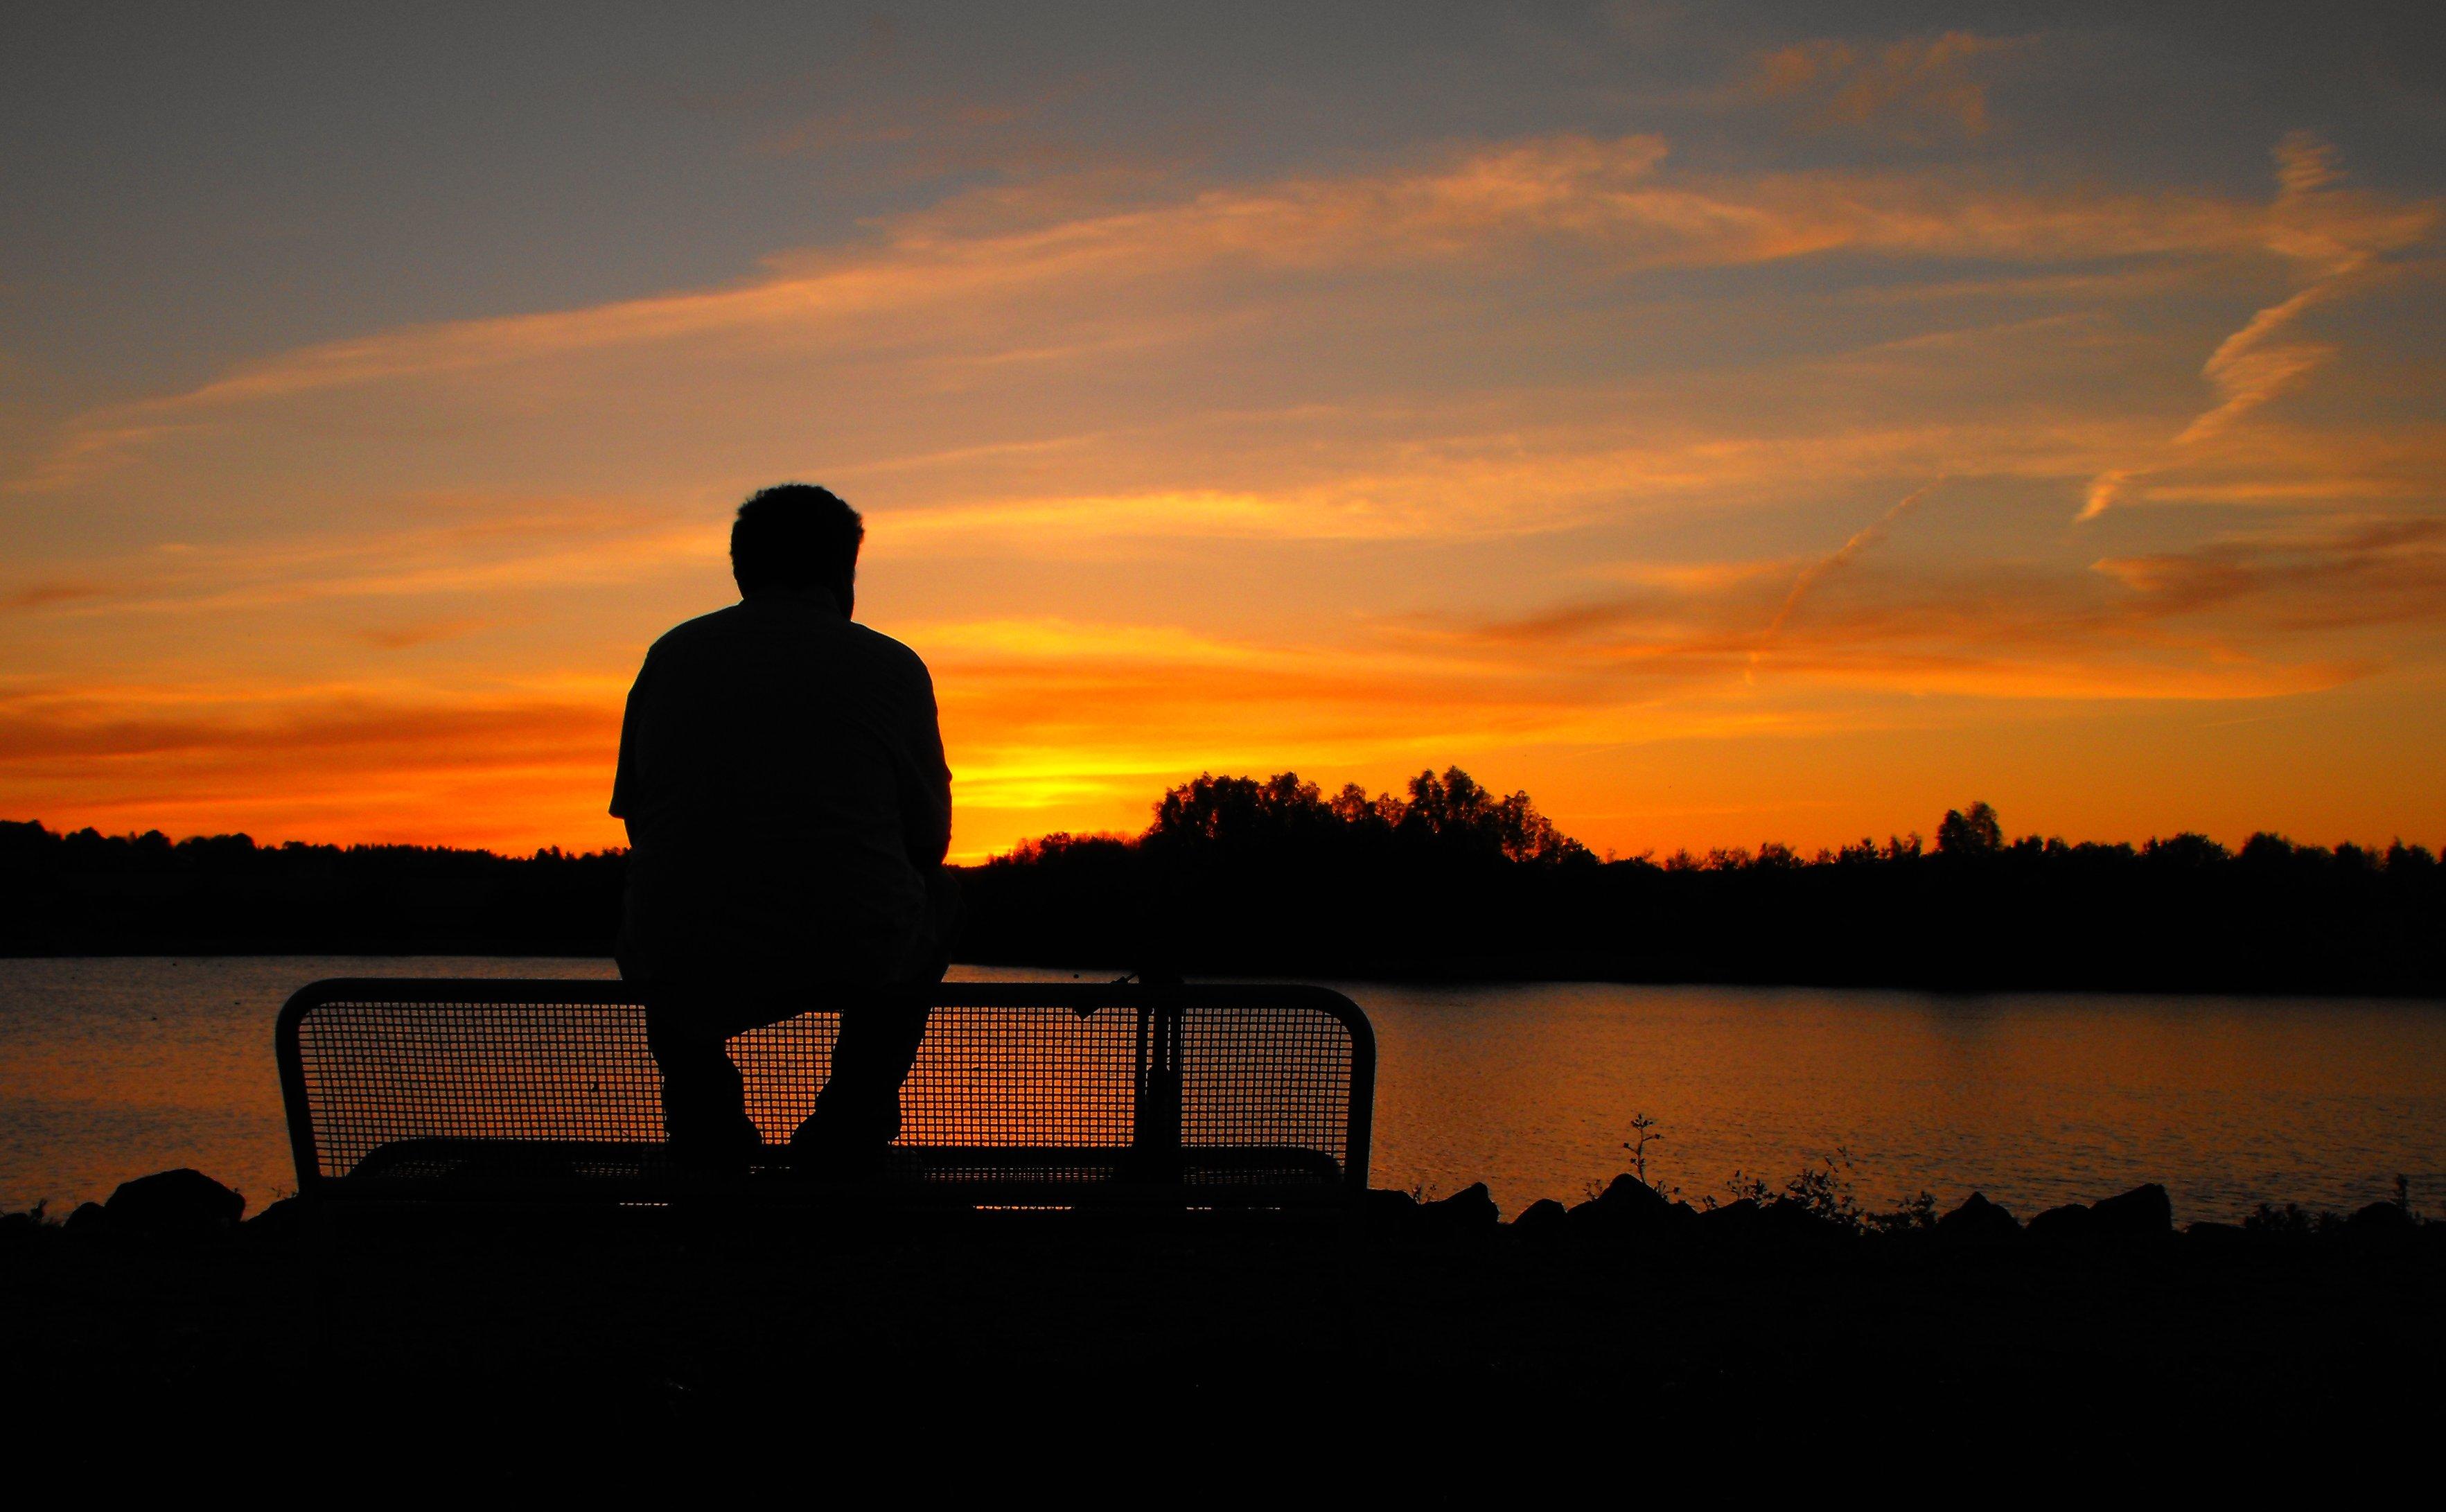 كيف اتغلب على الشعور بالوحدة